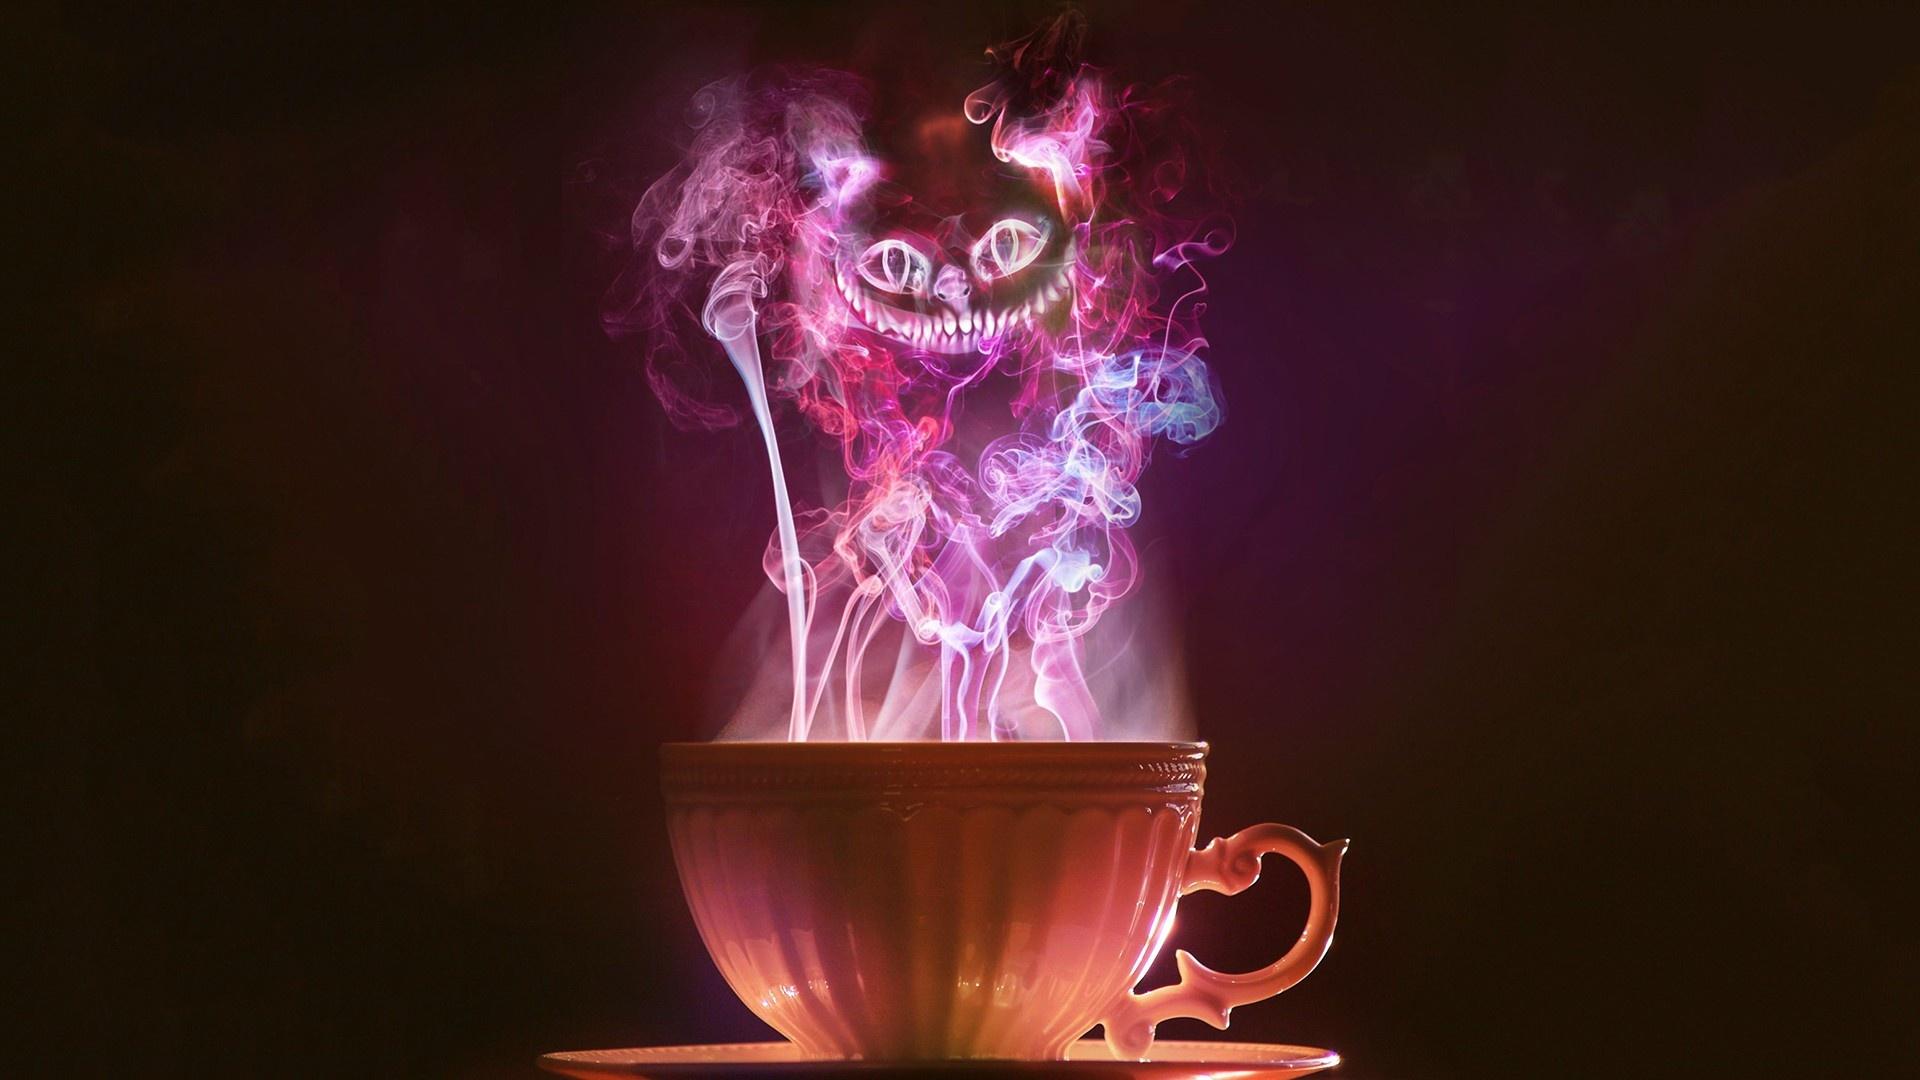 image steam tea smoke purple cheshire cat 1920x1080 jpg